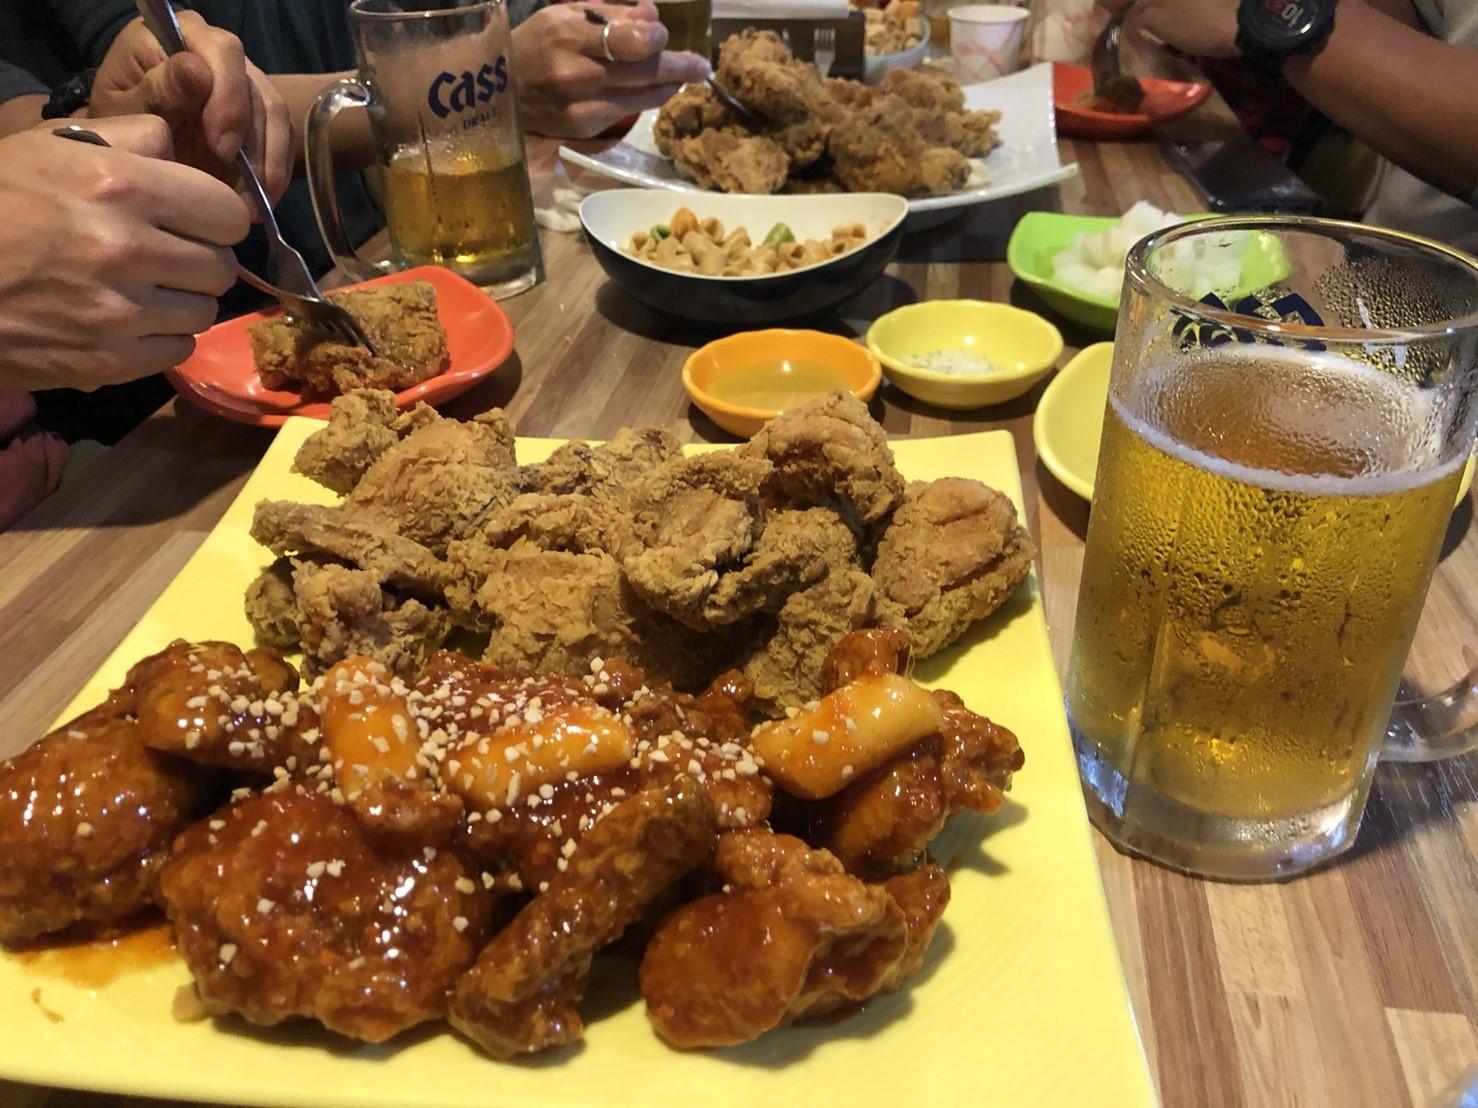 韓國炸雞原以為台灣鹹酥雞、甕窯雞、手扒雞花樣已經很多了,沒想到韓國光是炸雞就可以搞出這麼多名堂~